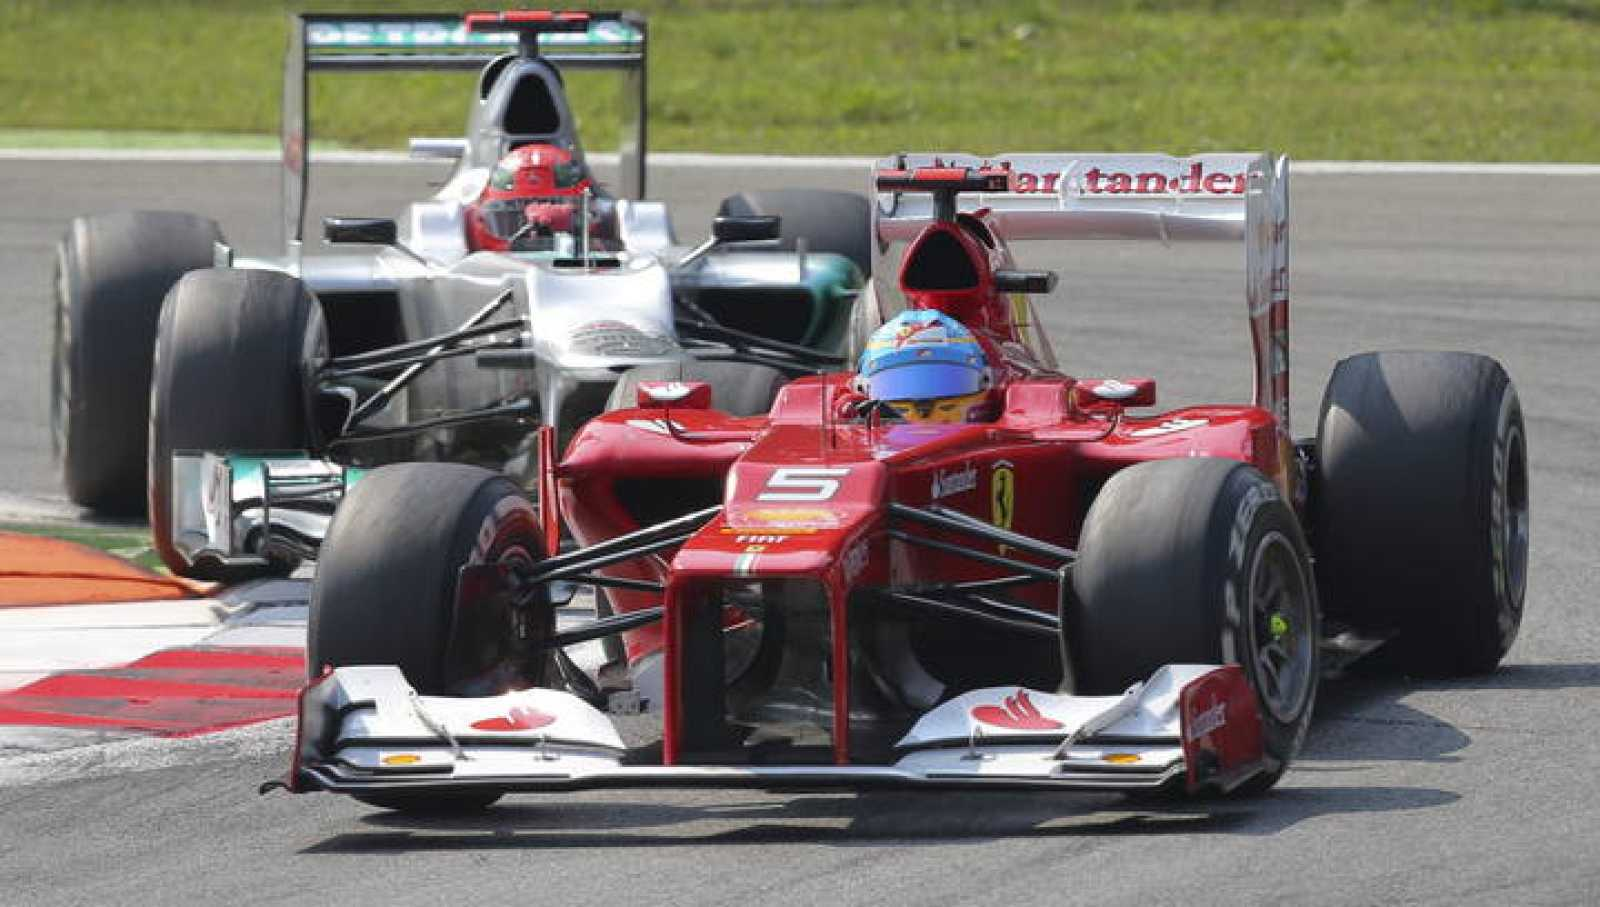 El piloto español Fernando Alonso, de la escudería Ferrari, en uno de sus adelantamientos en Monza.